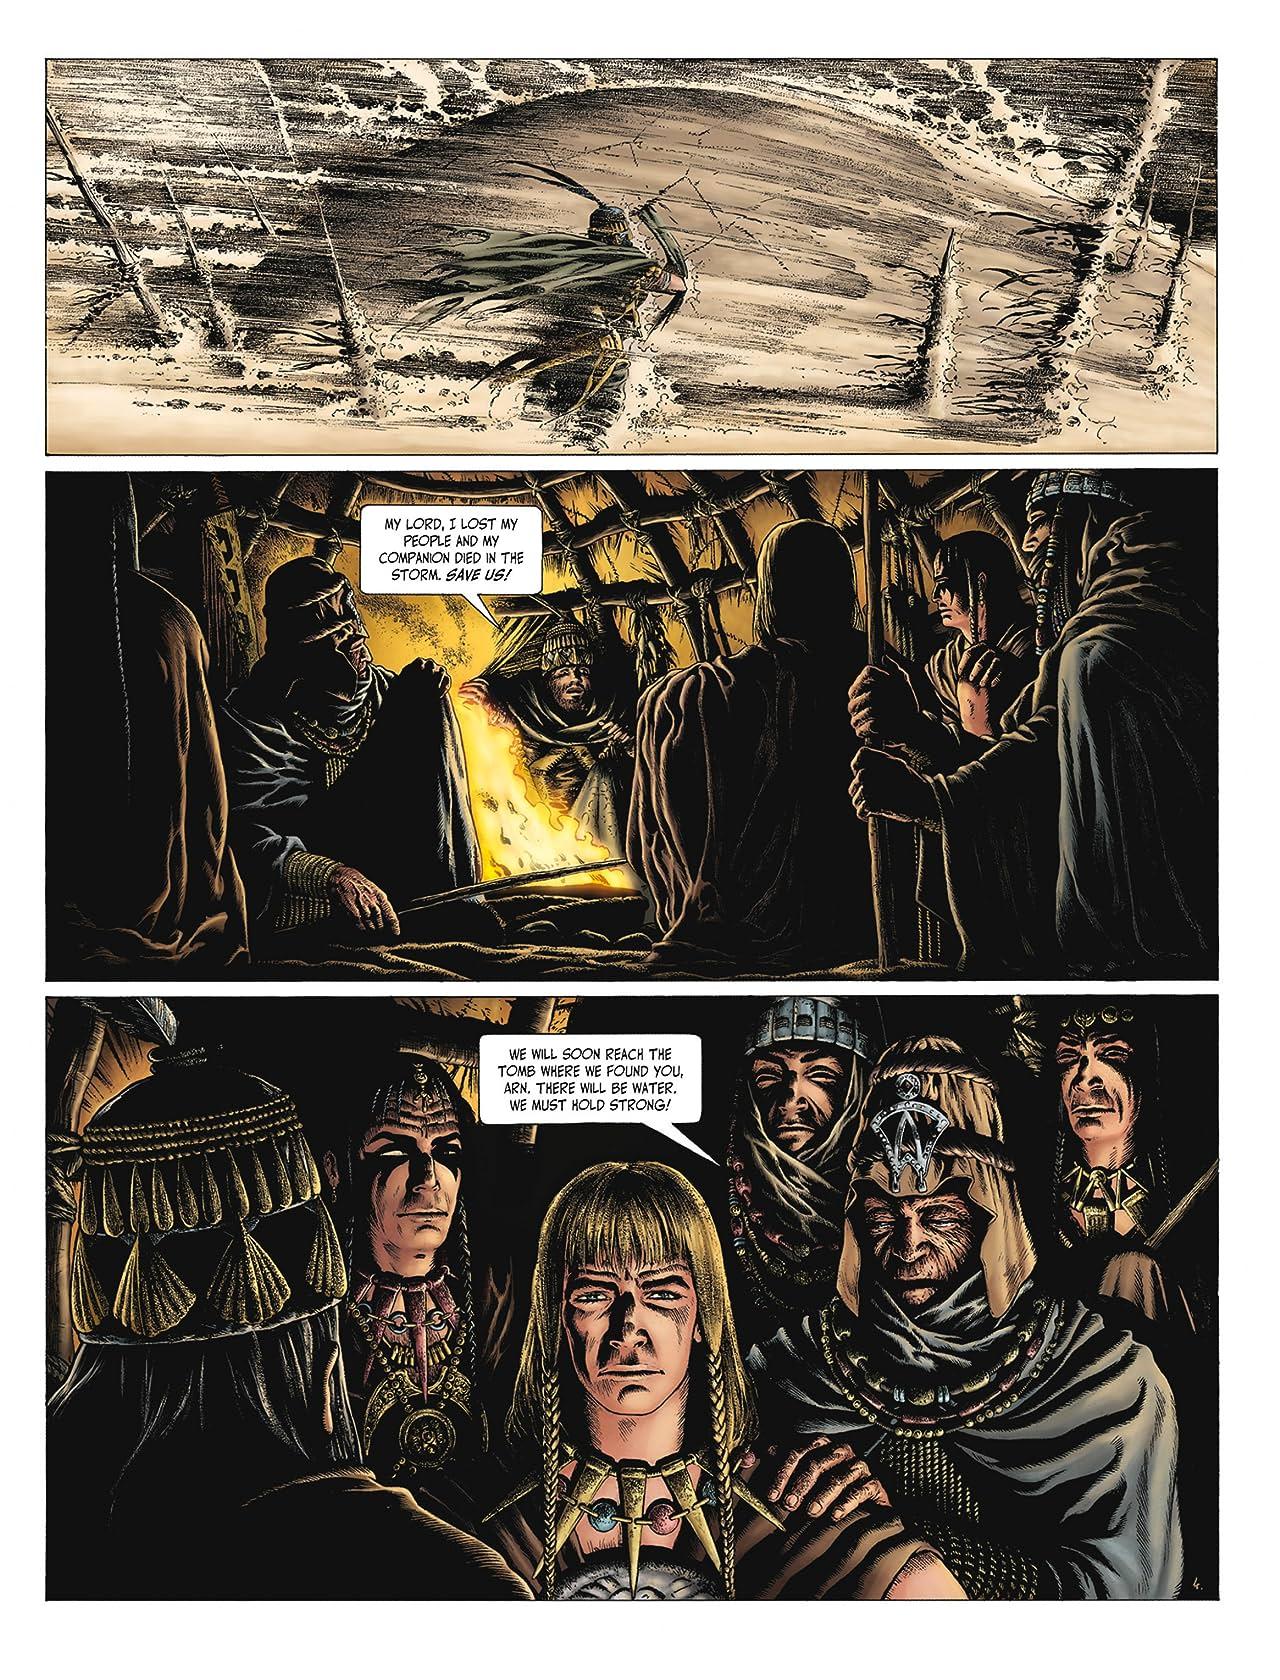 Armies Vol. 3: The Triumph of Arn